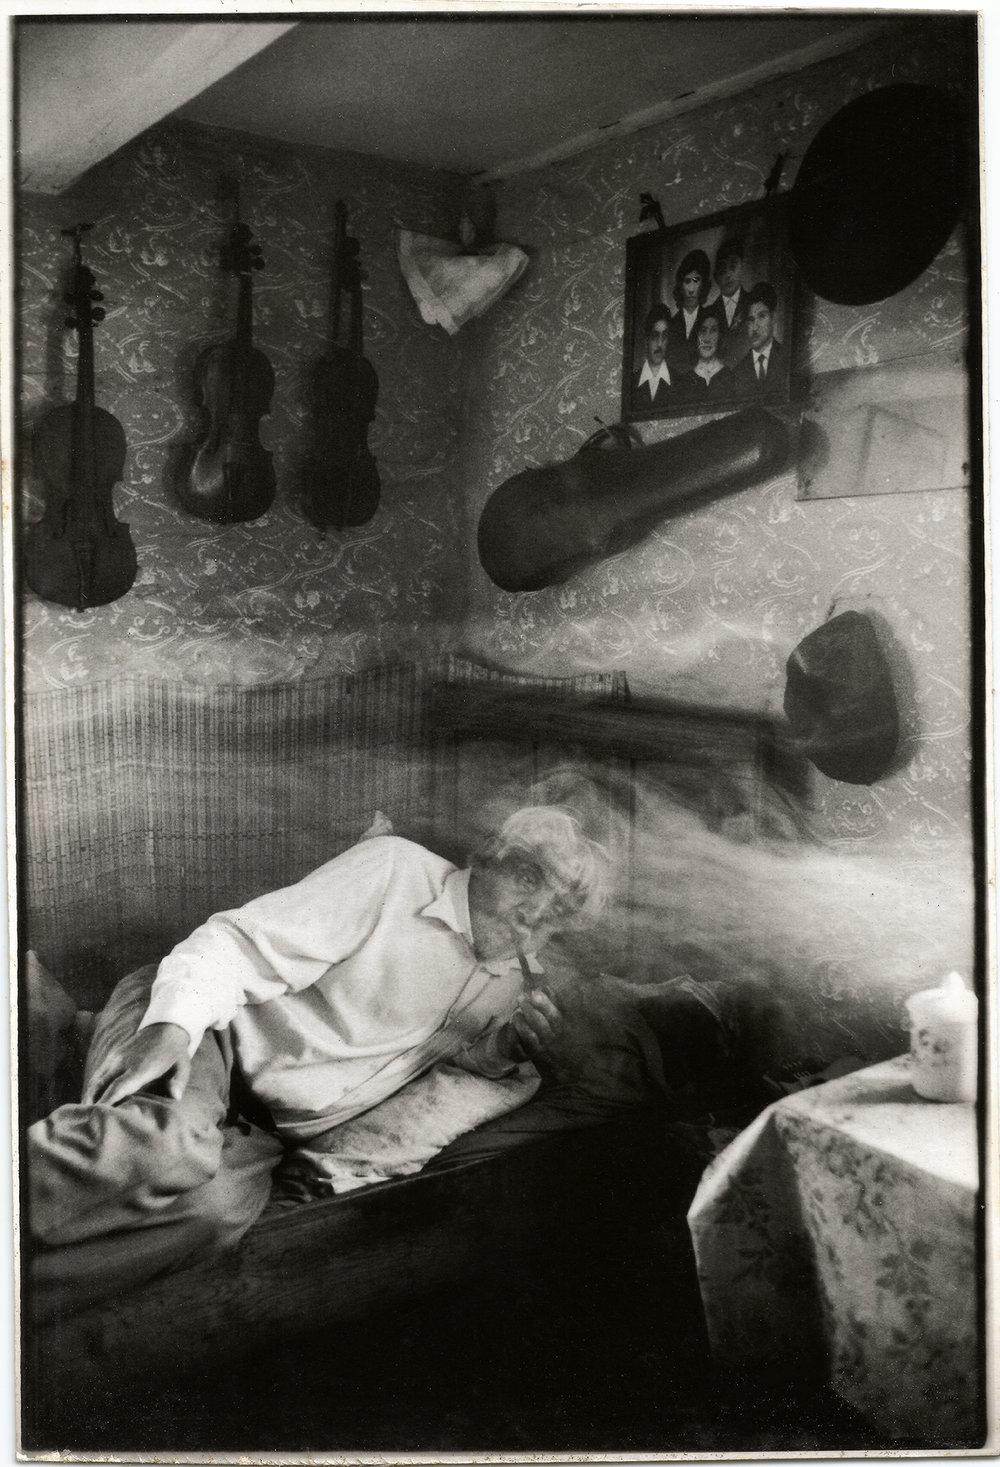 Michał Siwak - Gypsy from Poland, 1995.